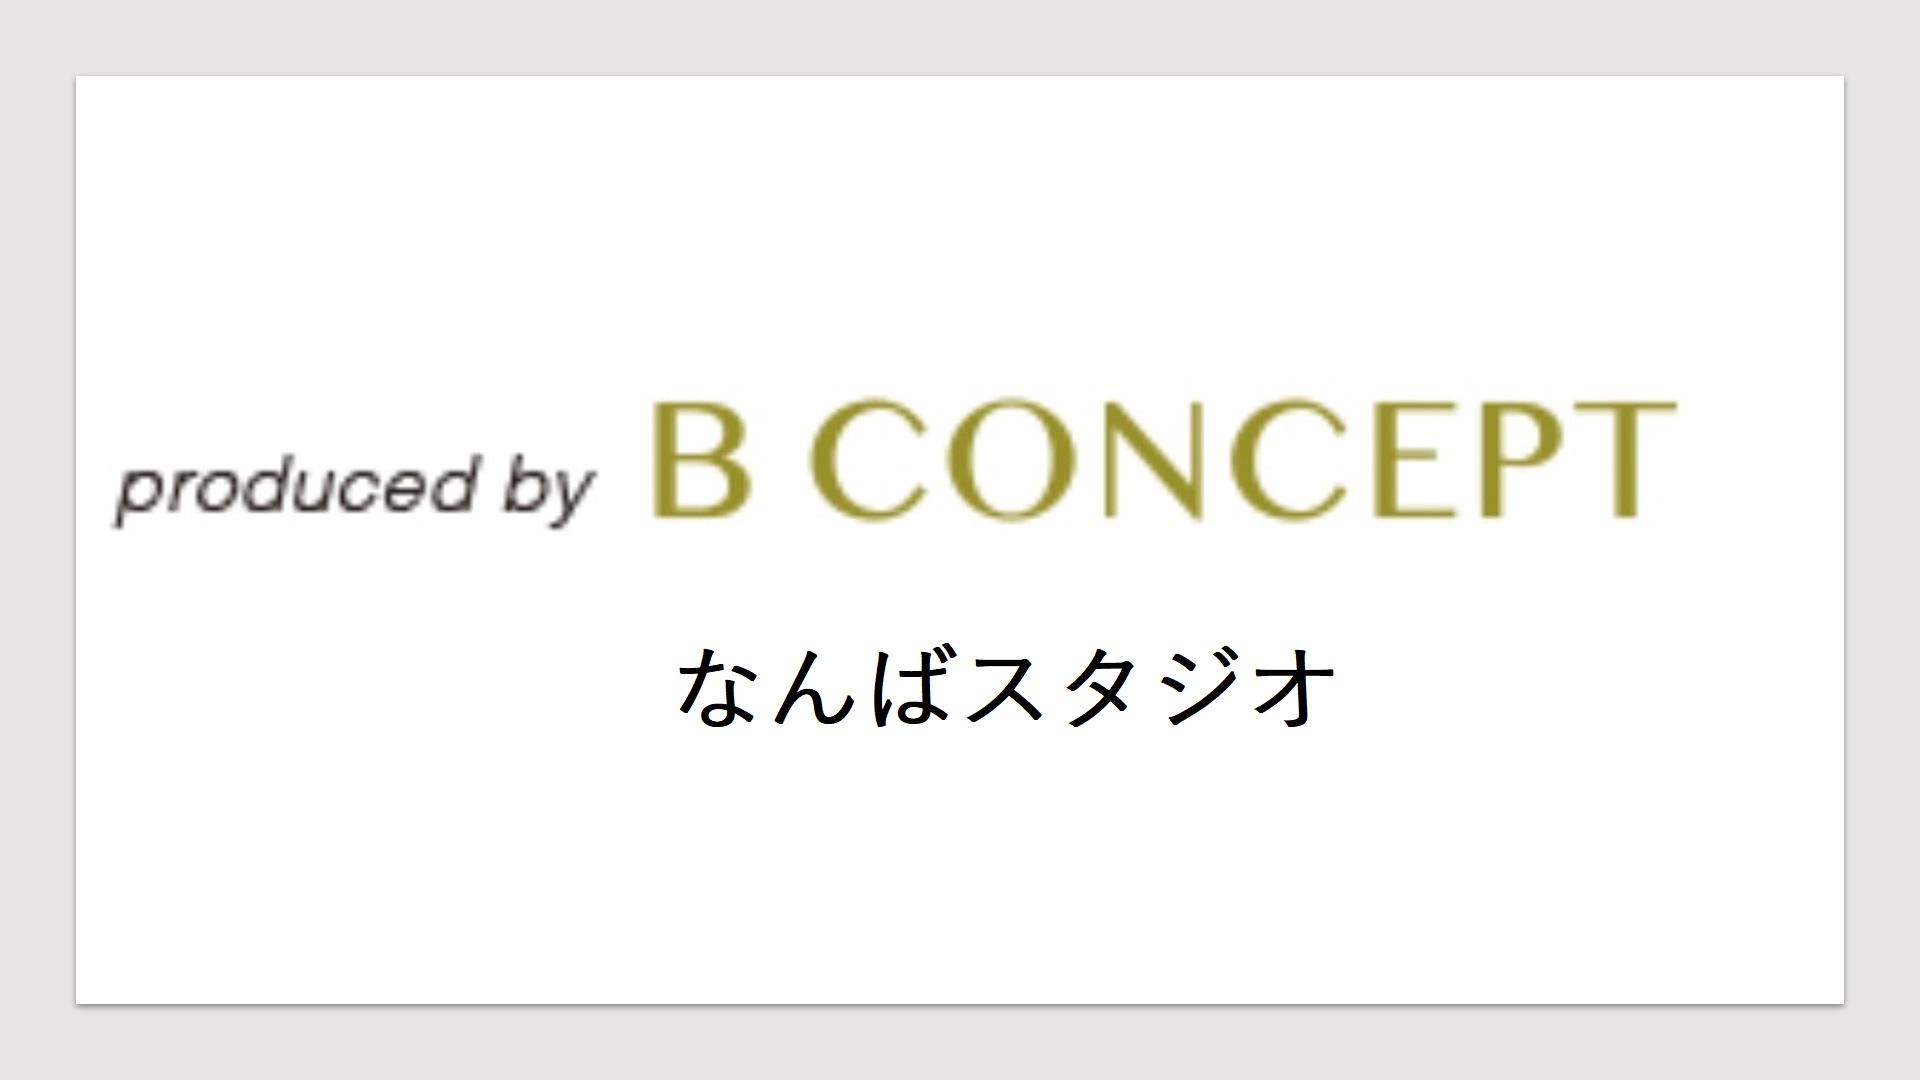 ビーコンセプト(なんばスタジオ)